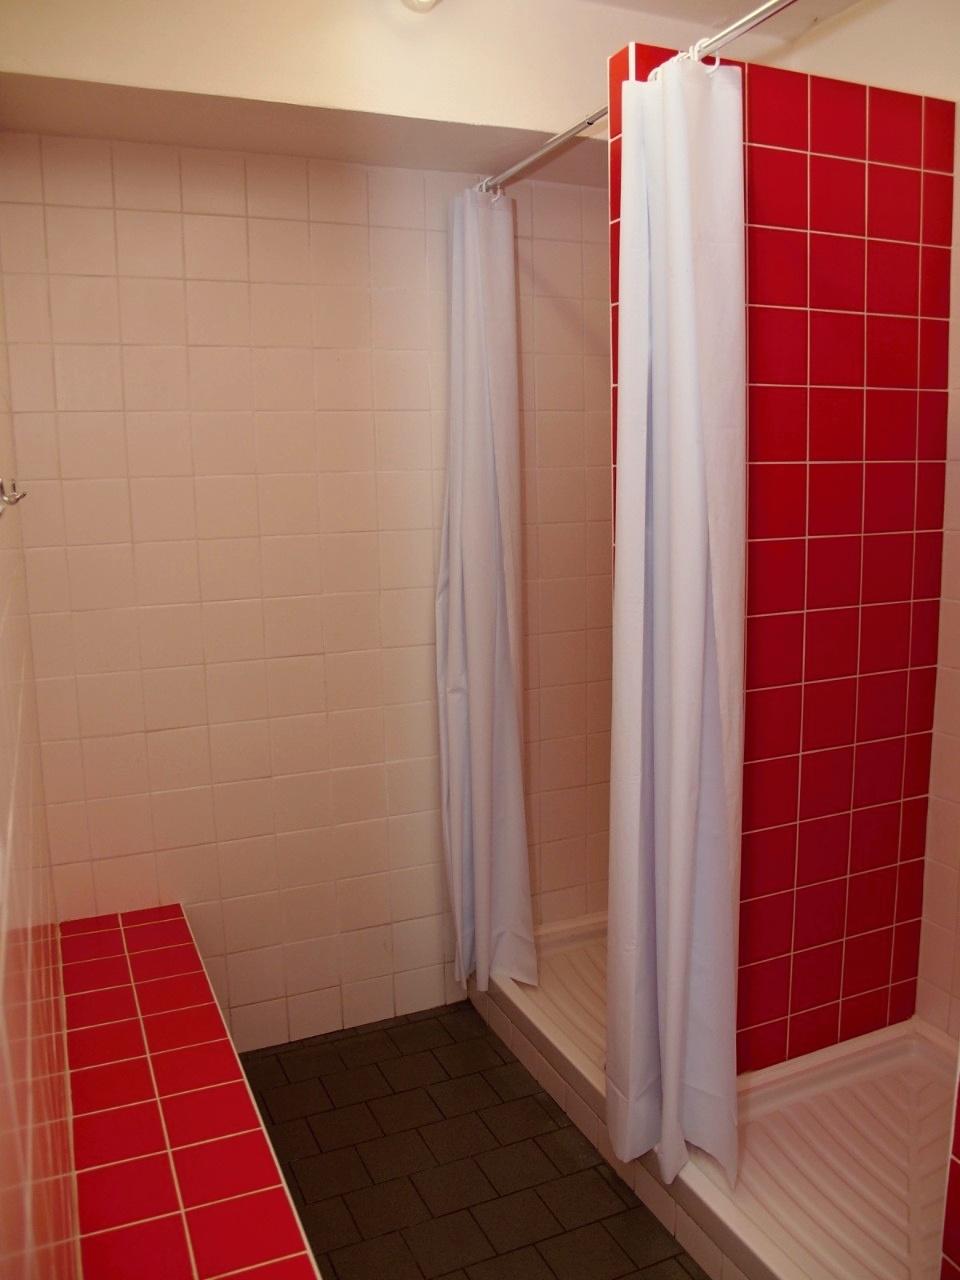 Sprchy a odkládací prostor (dívky)